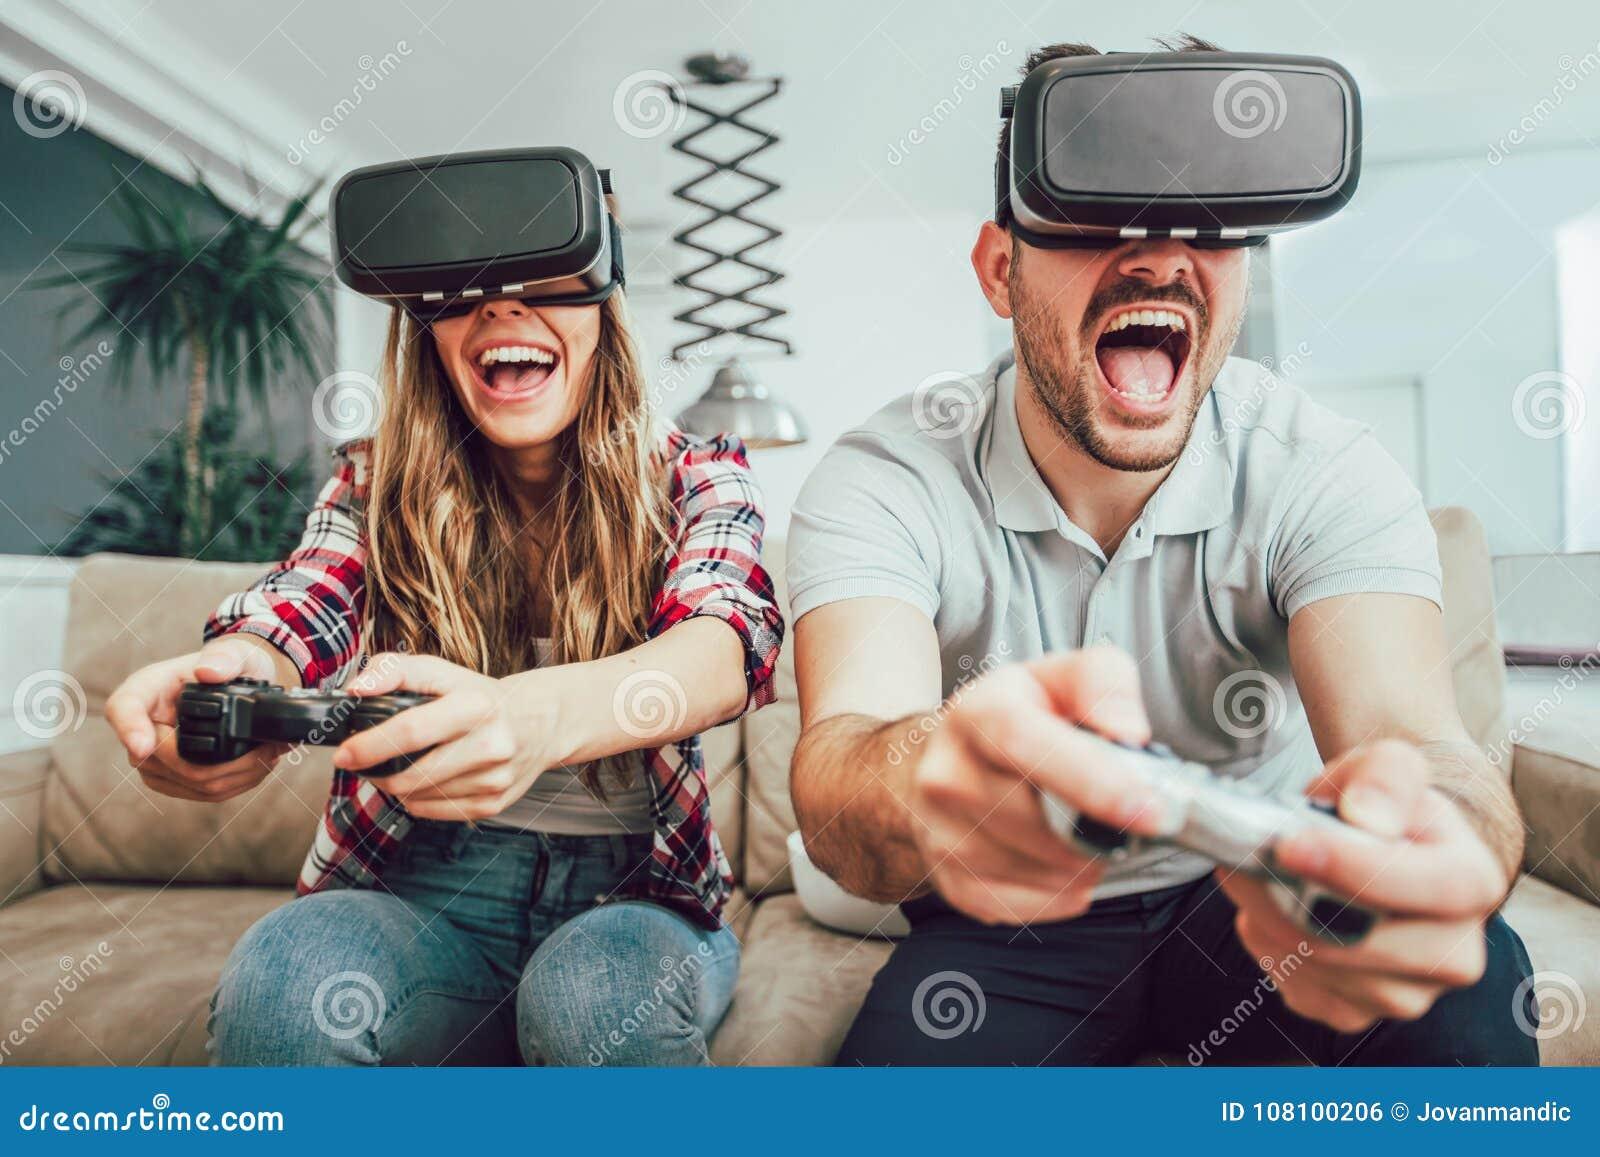 Videospiele Kostenlos Spielen